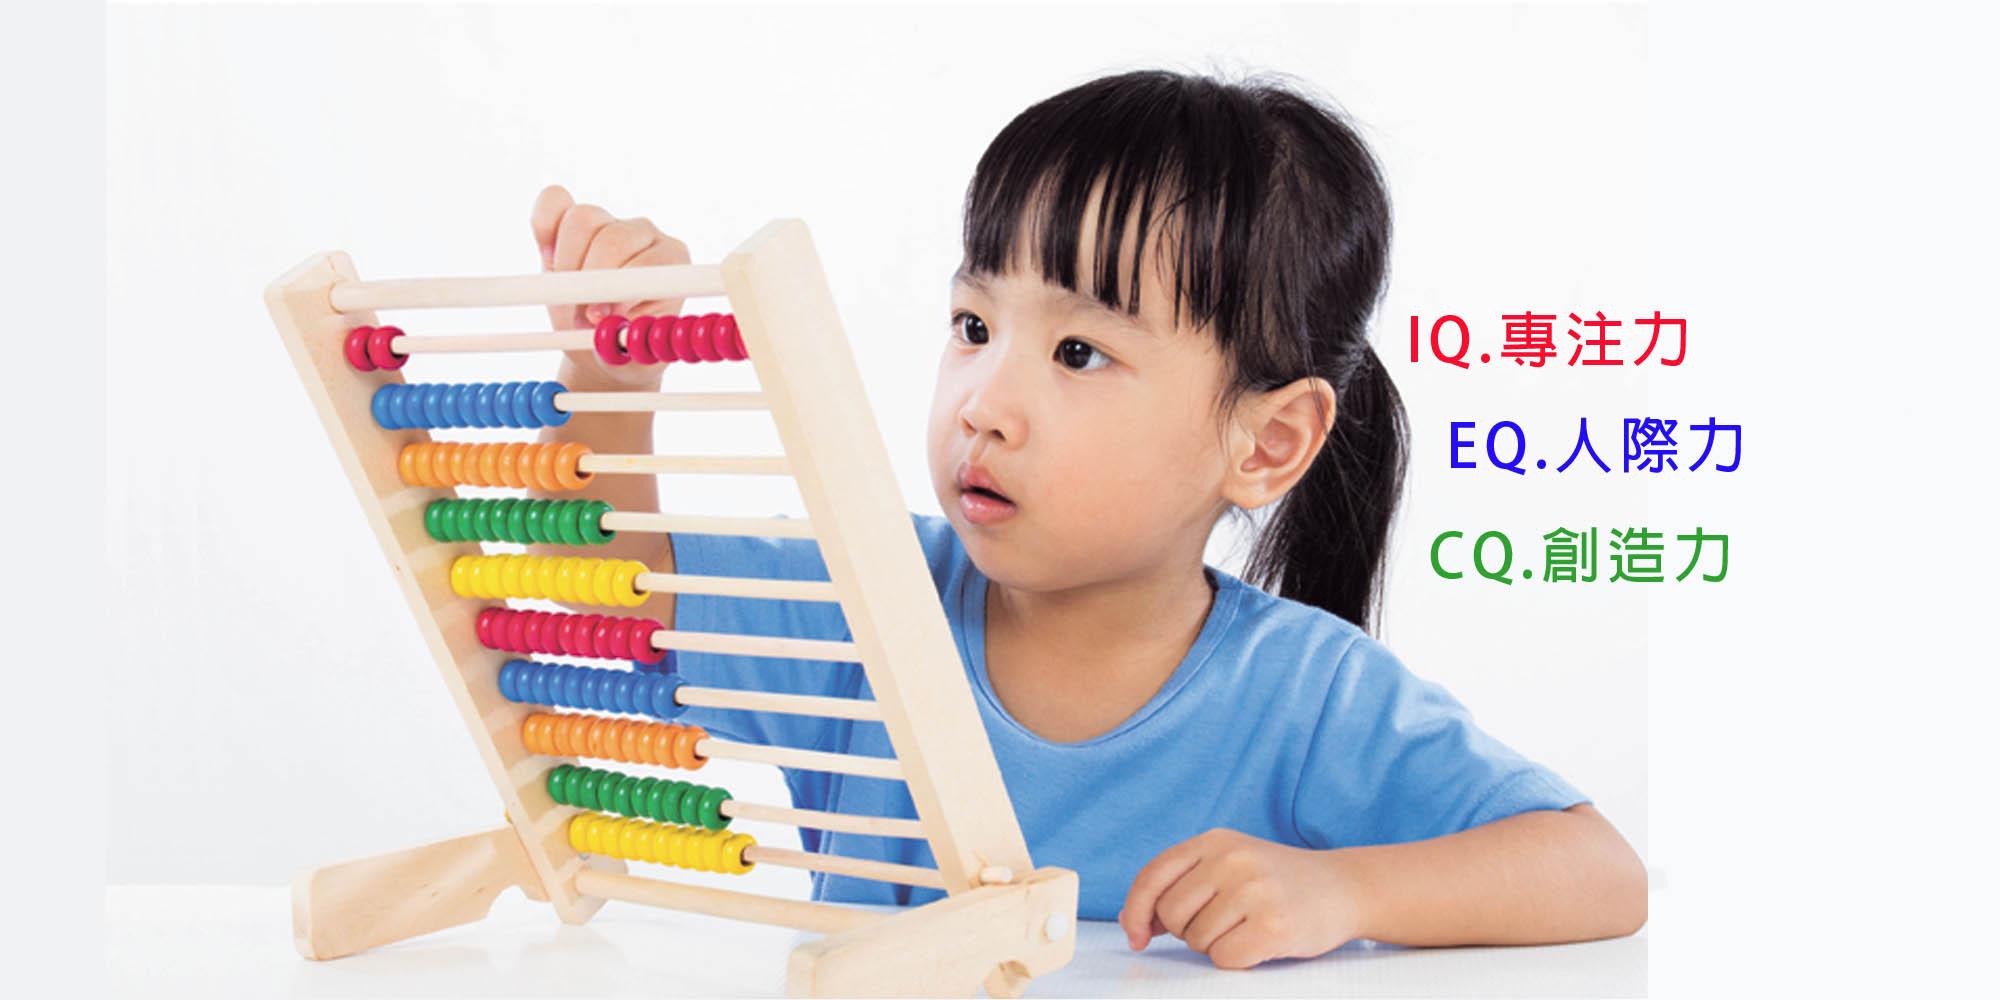 華人幼教資訊網